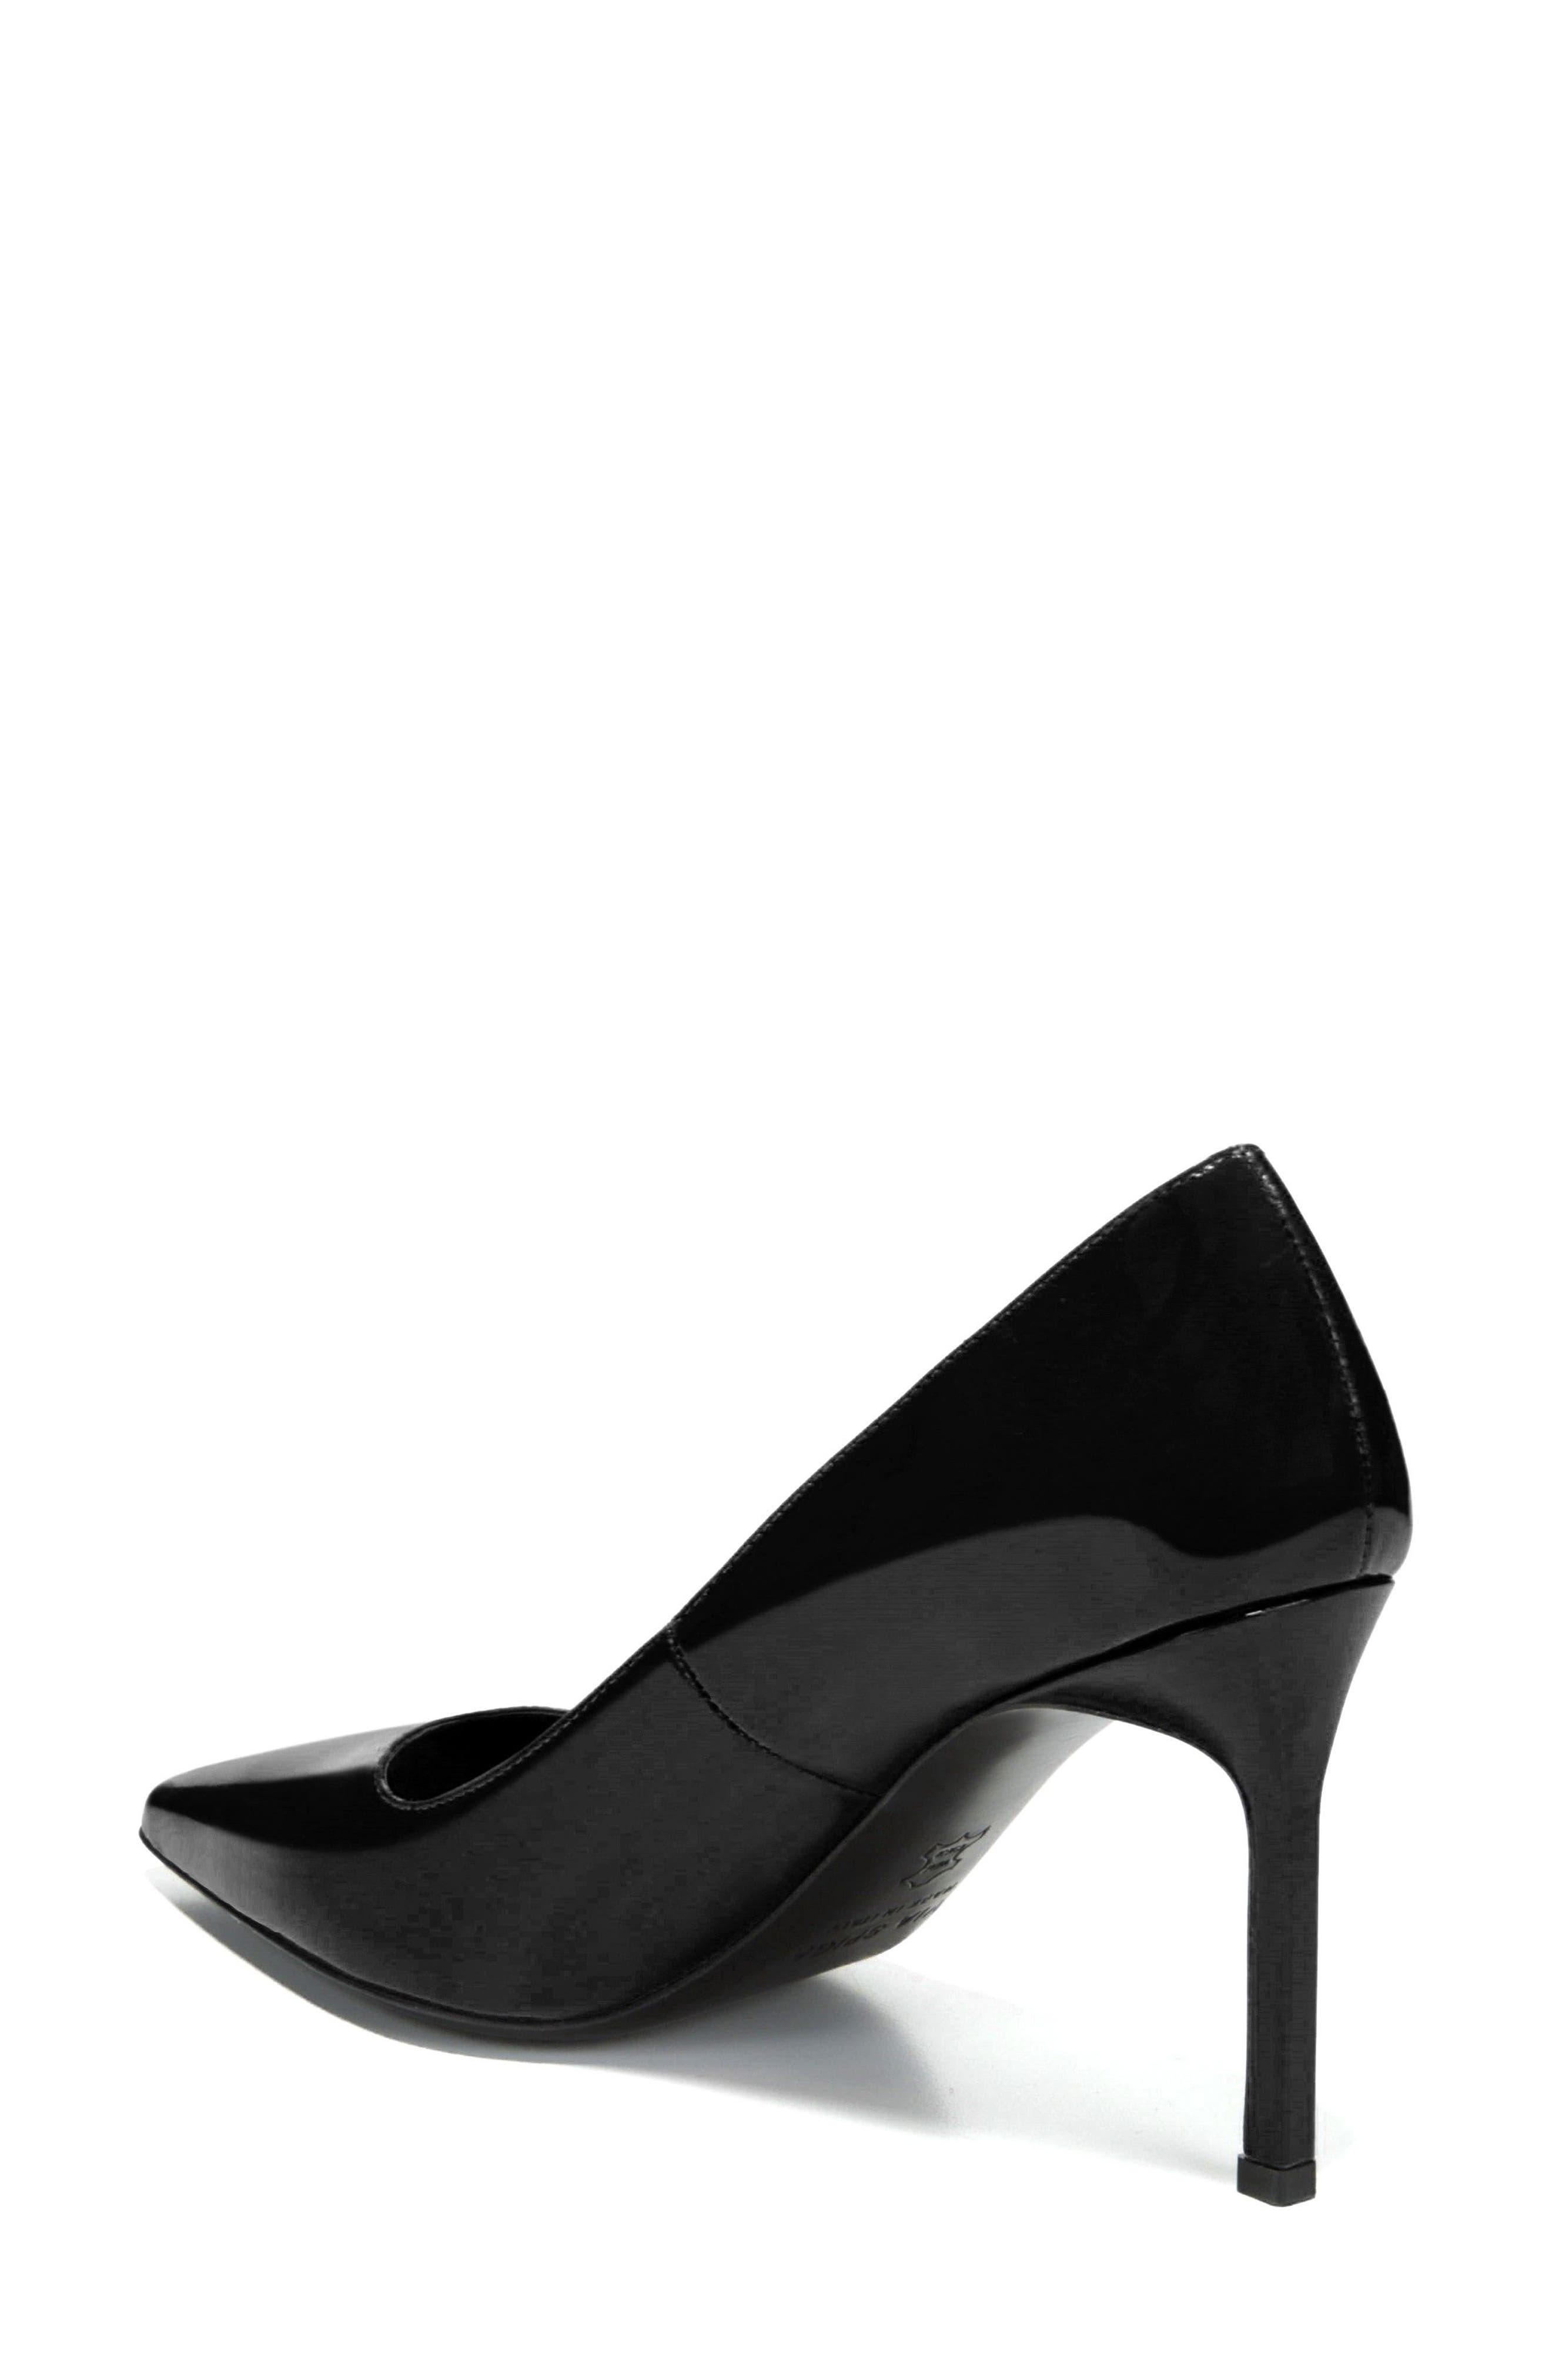 38f413036ae6 Women s Via Spiga Shoes